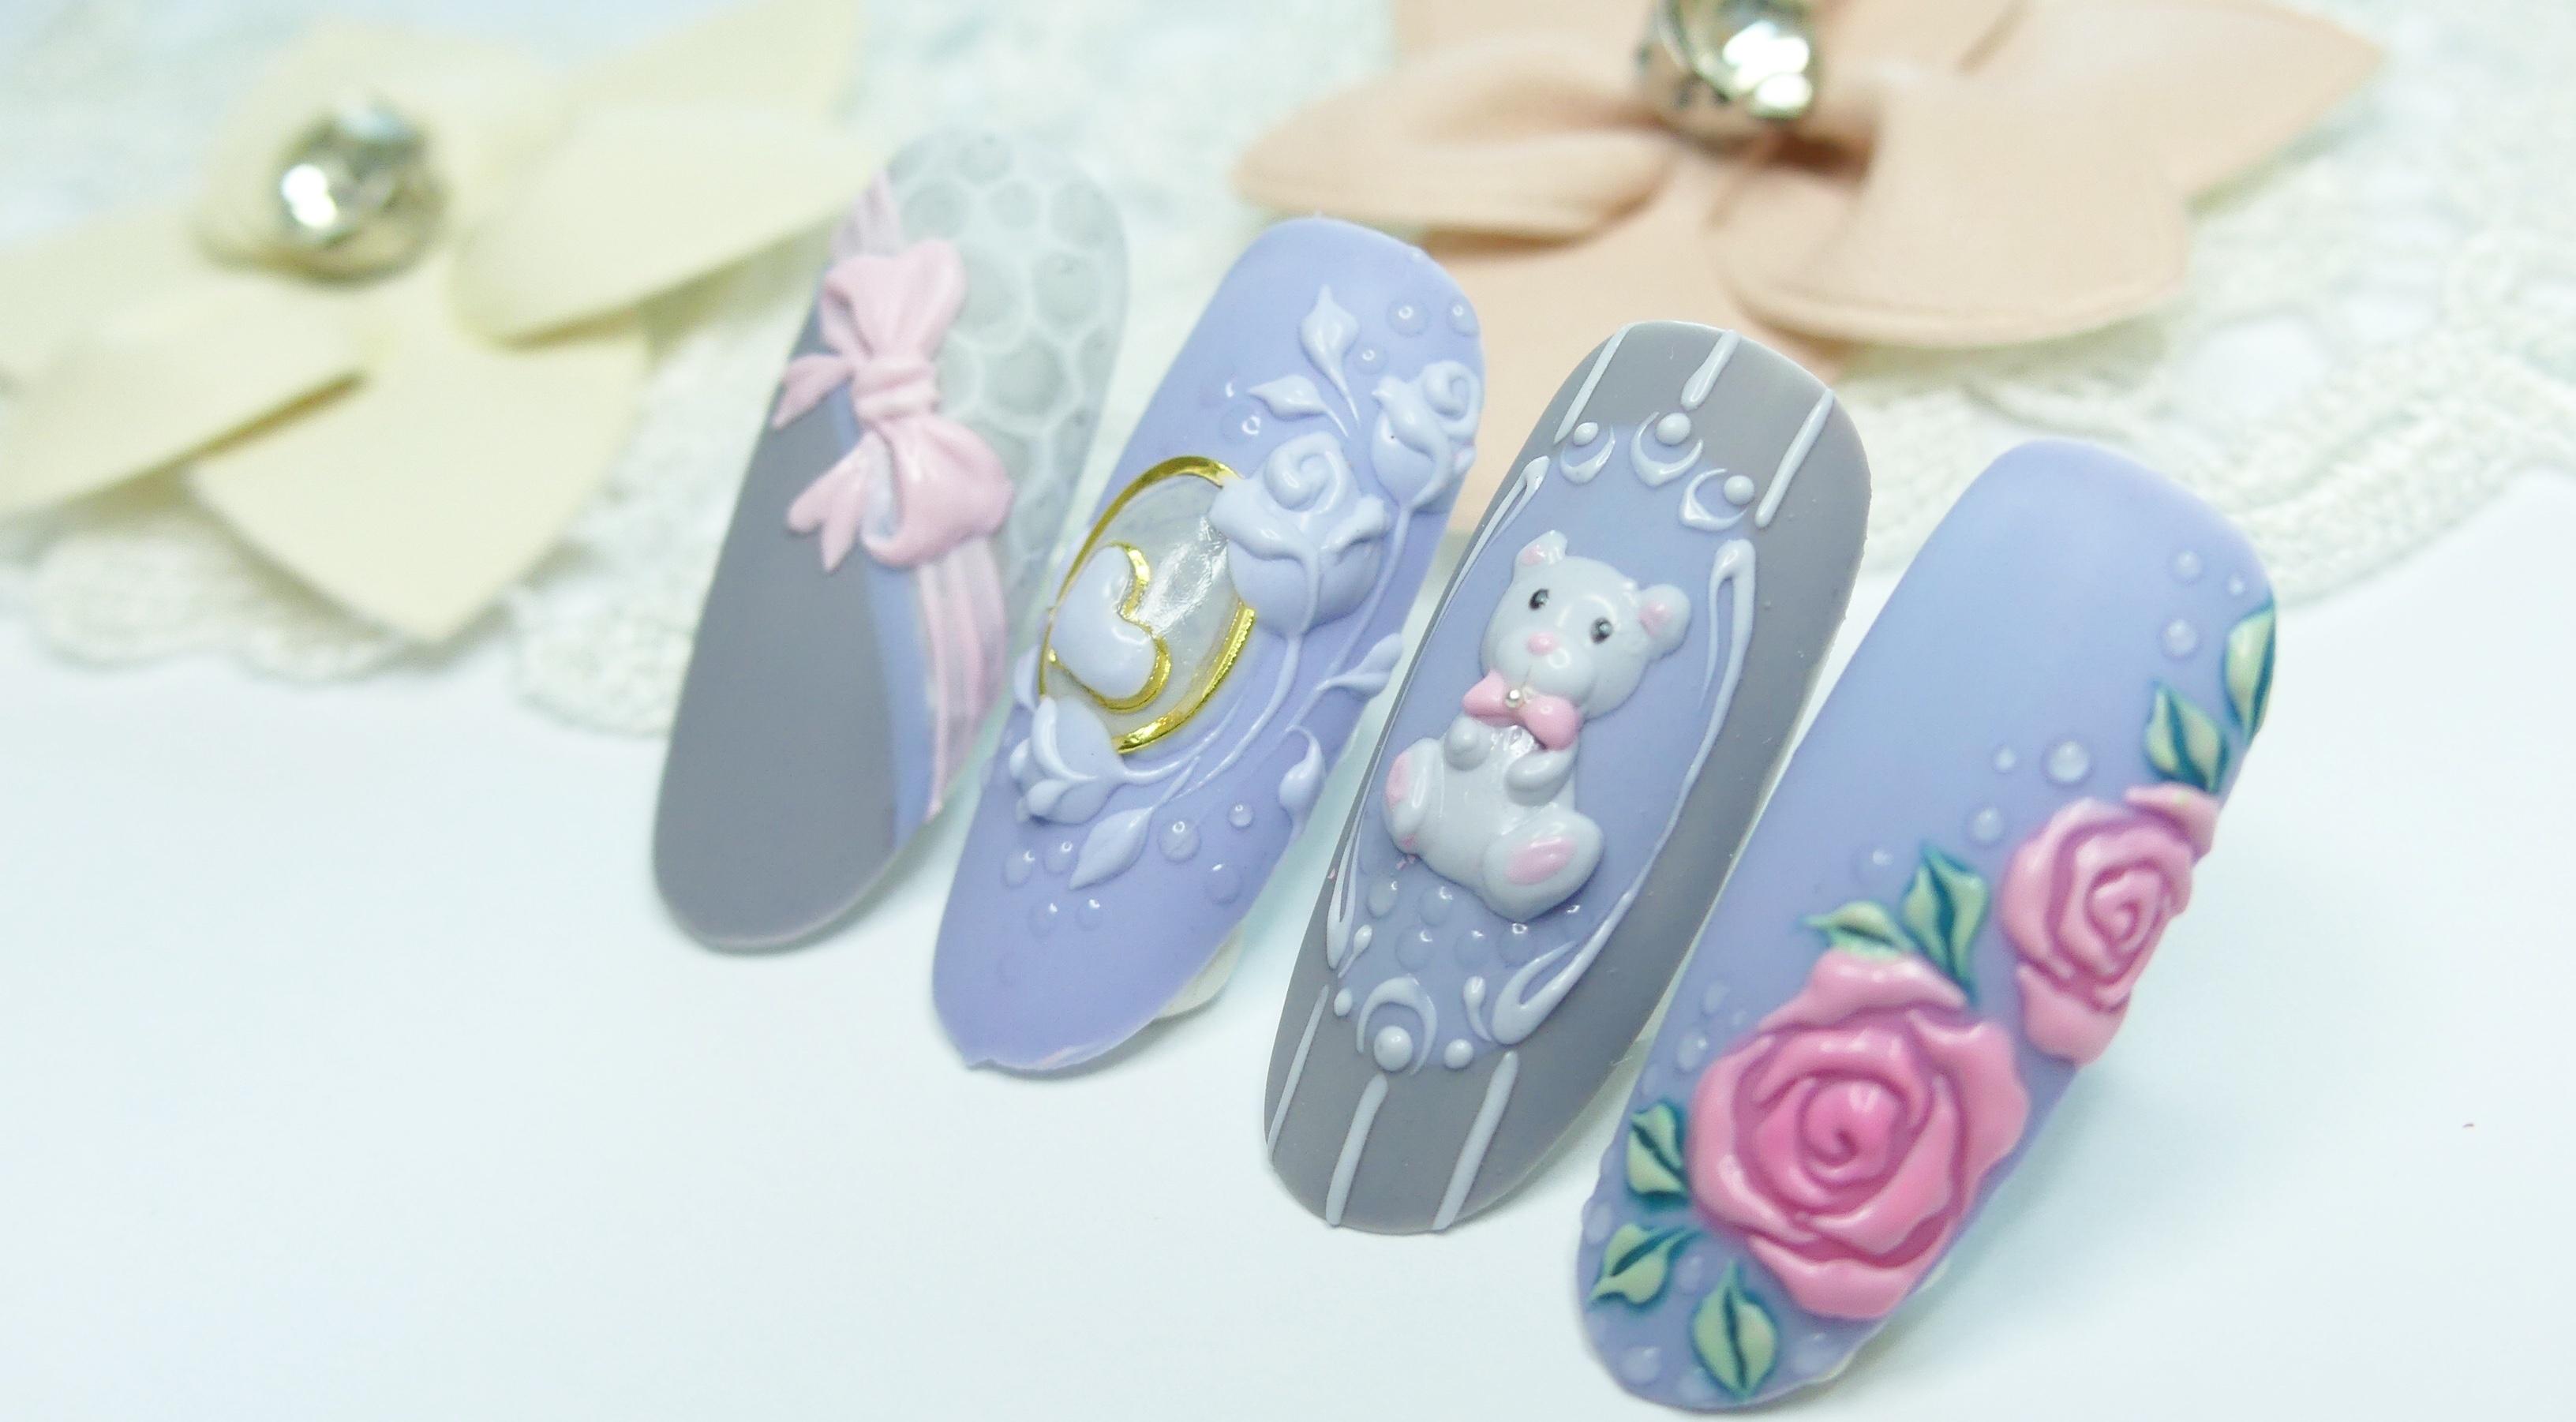 3D Cuties - Gel Nail Art